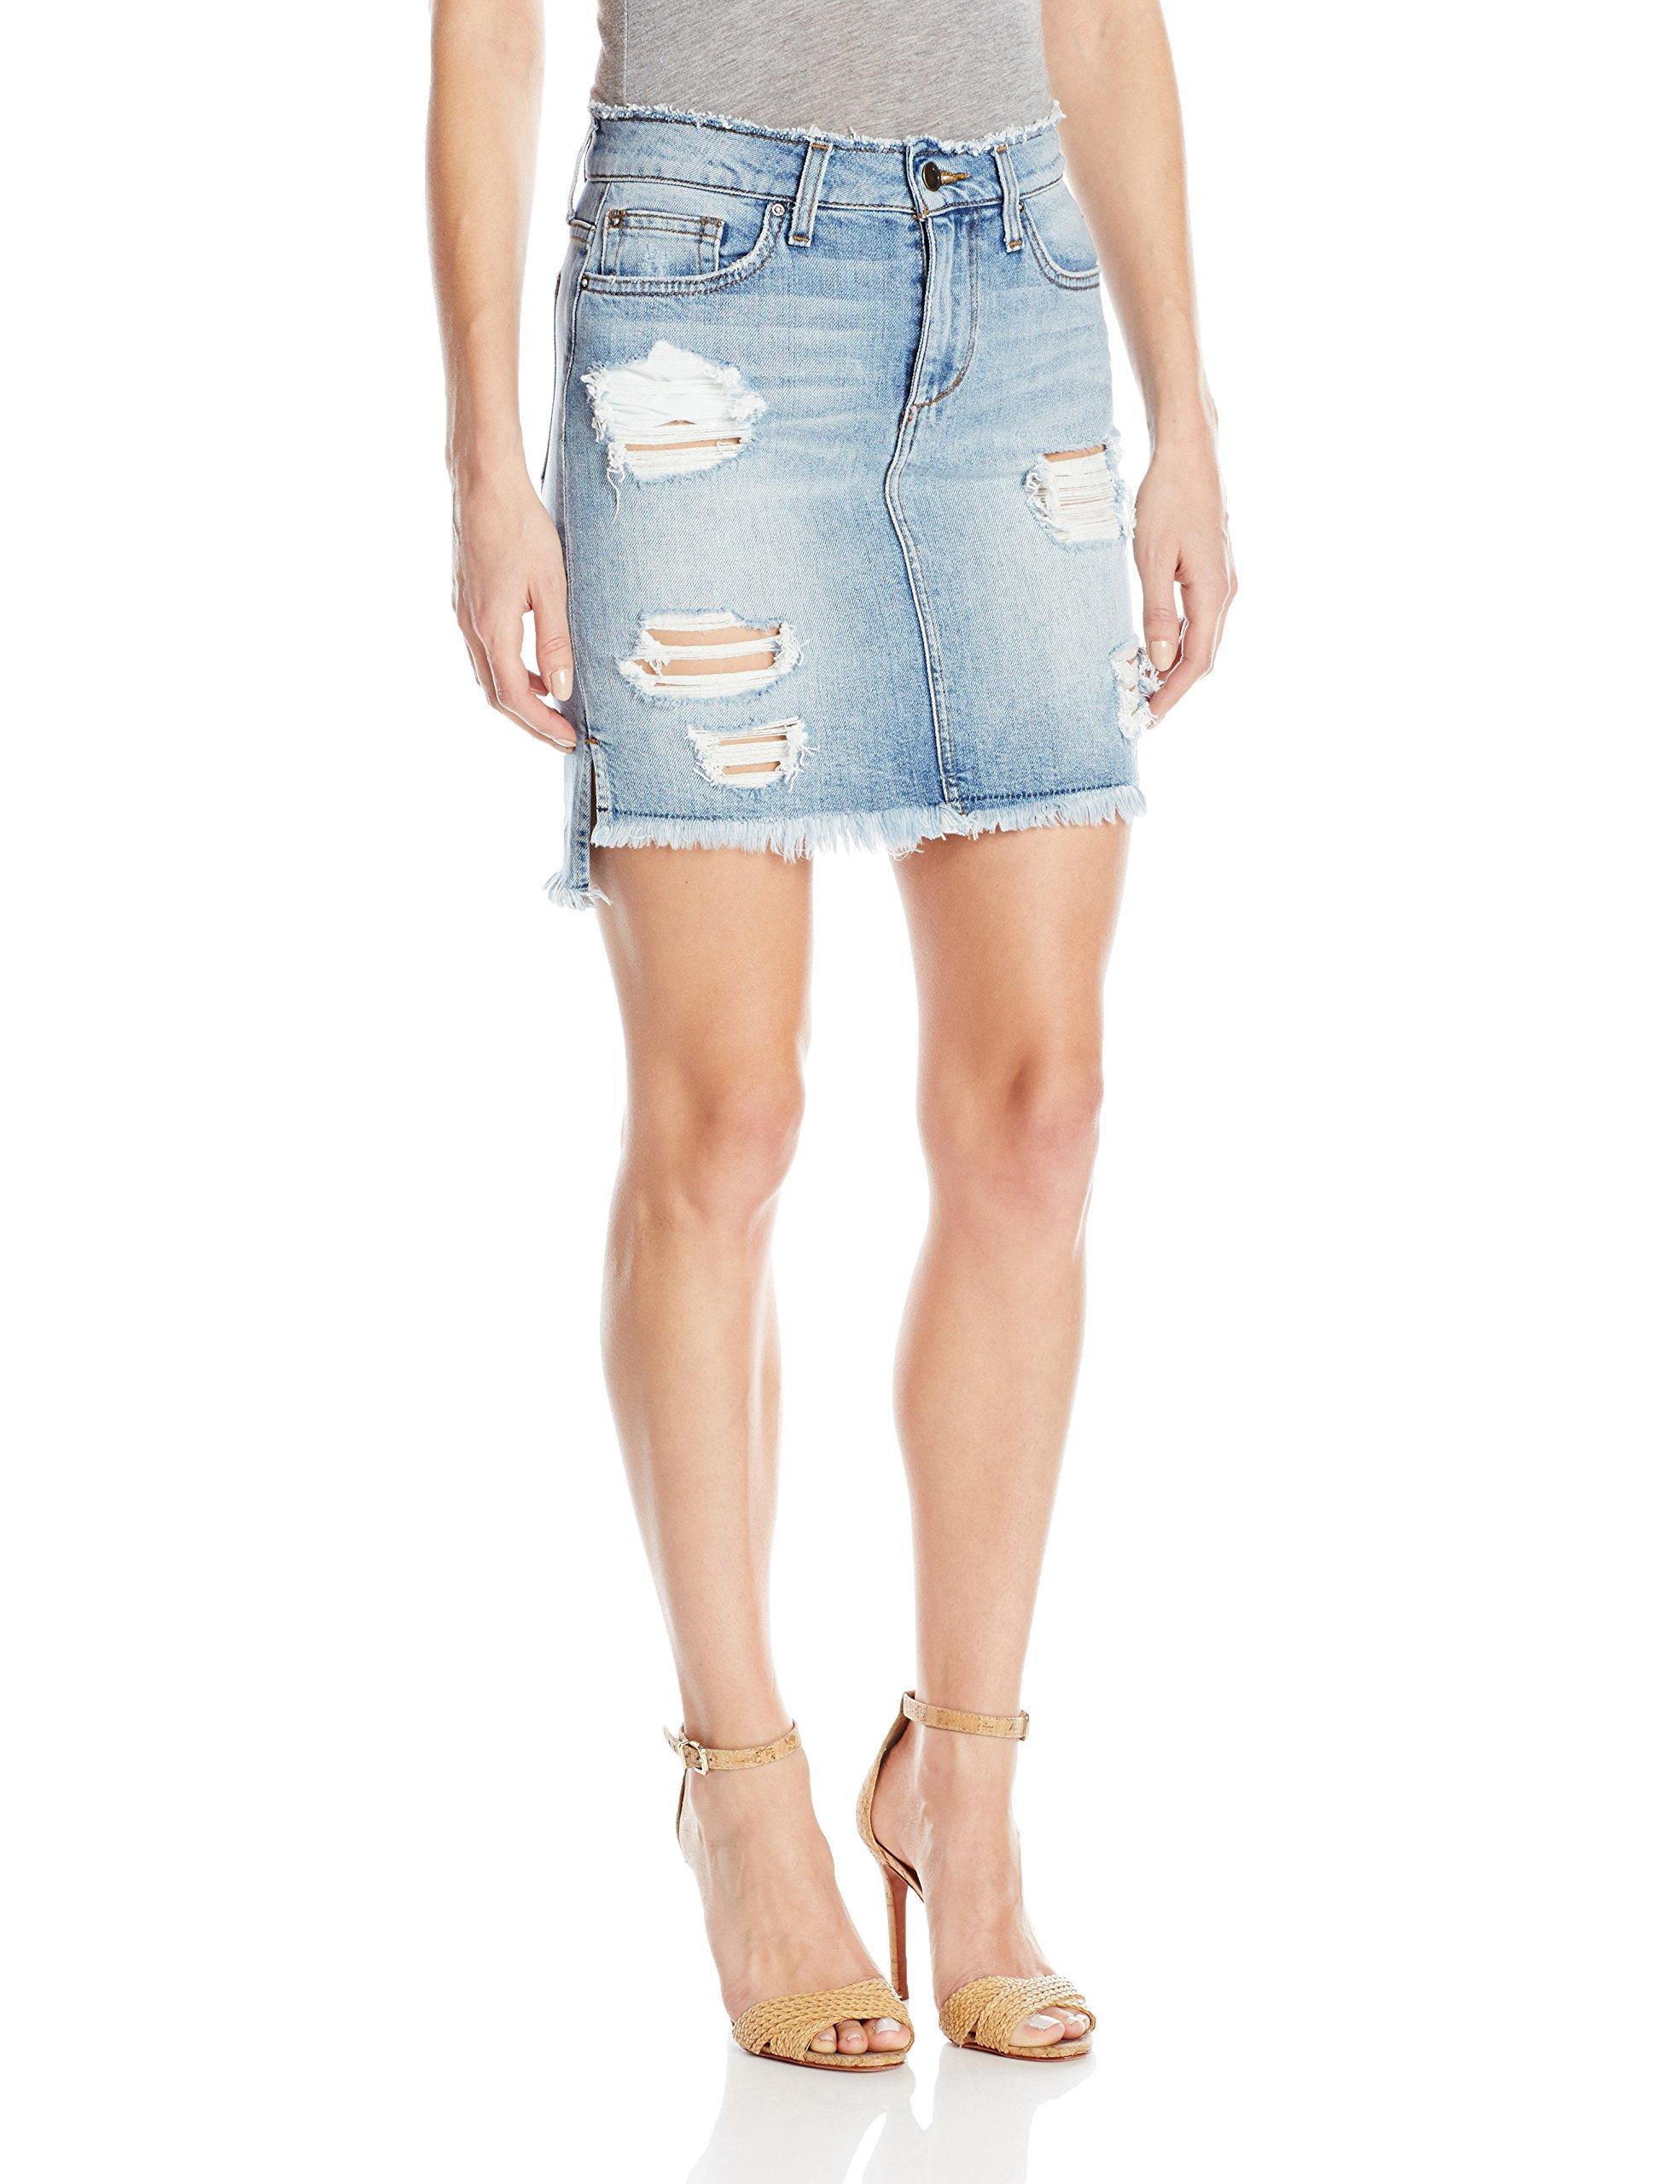 Joe's Jeans Women's High Low Pencil Jean Skirt, Tyrie, 25 by Joe's Jeans